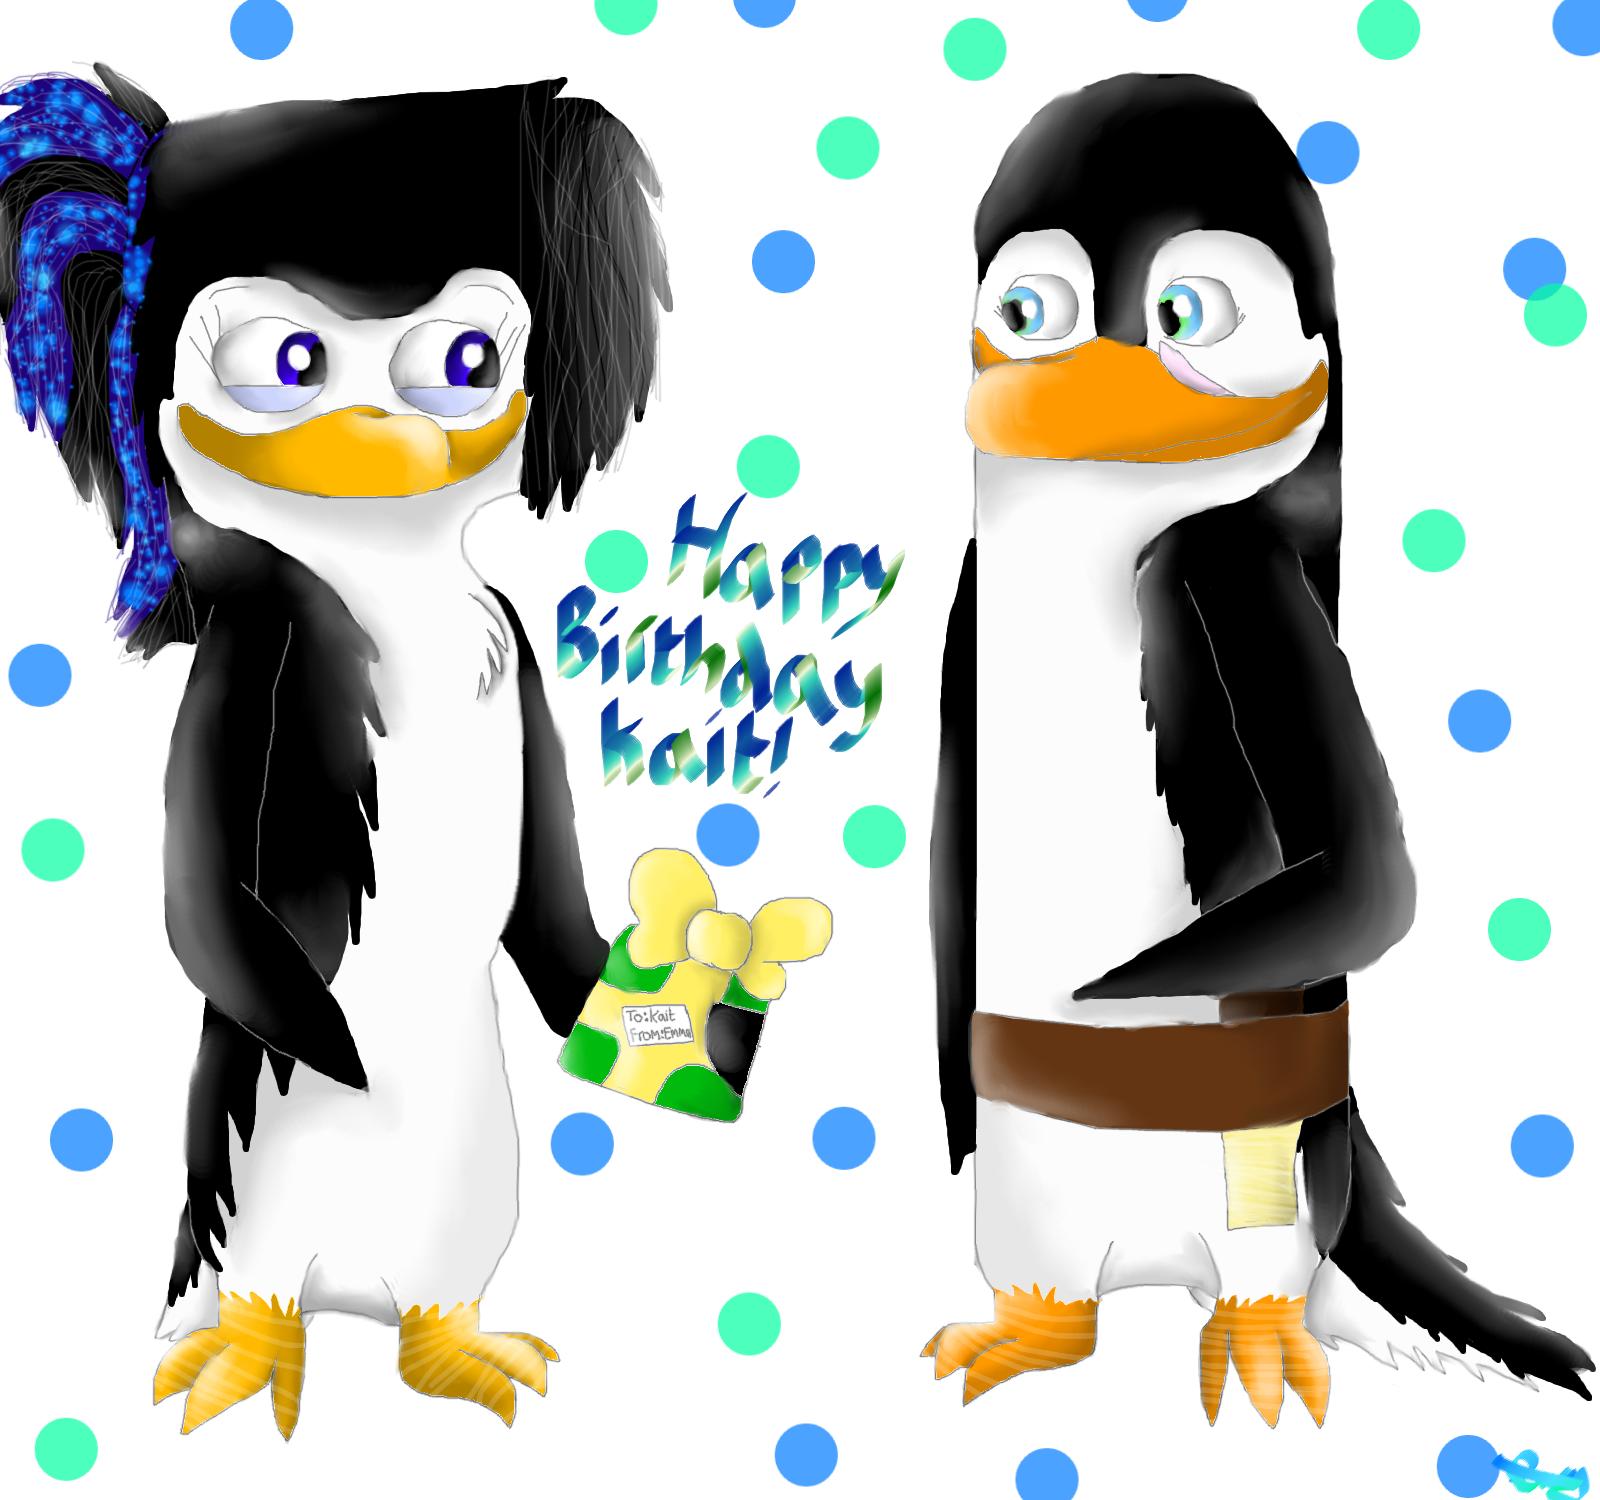 Happy birthday Kait! :3